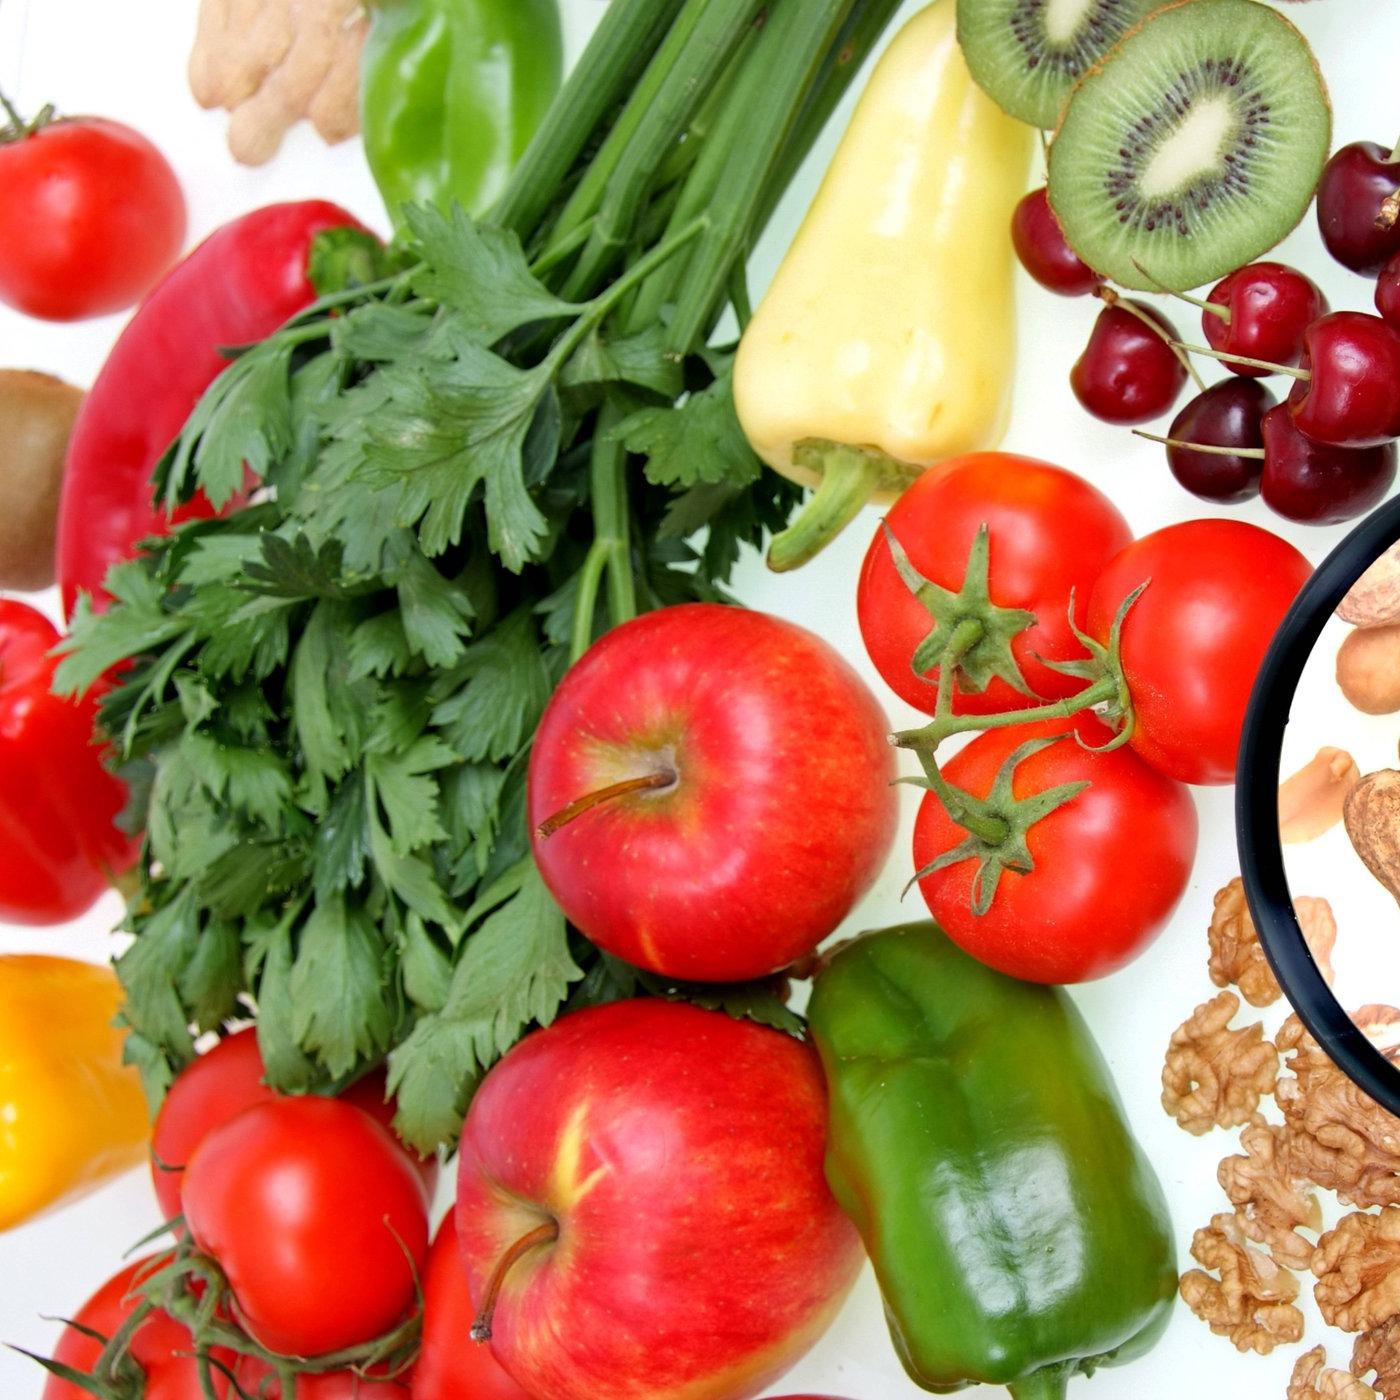 lakto vegetarische ernährung